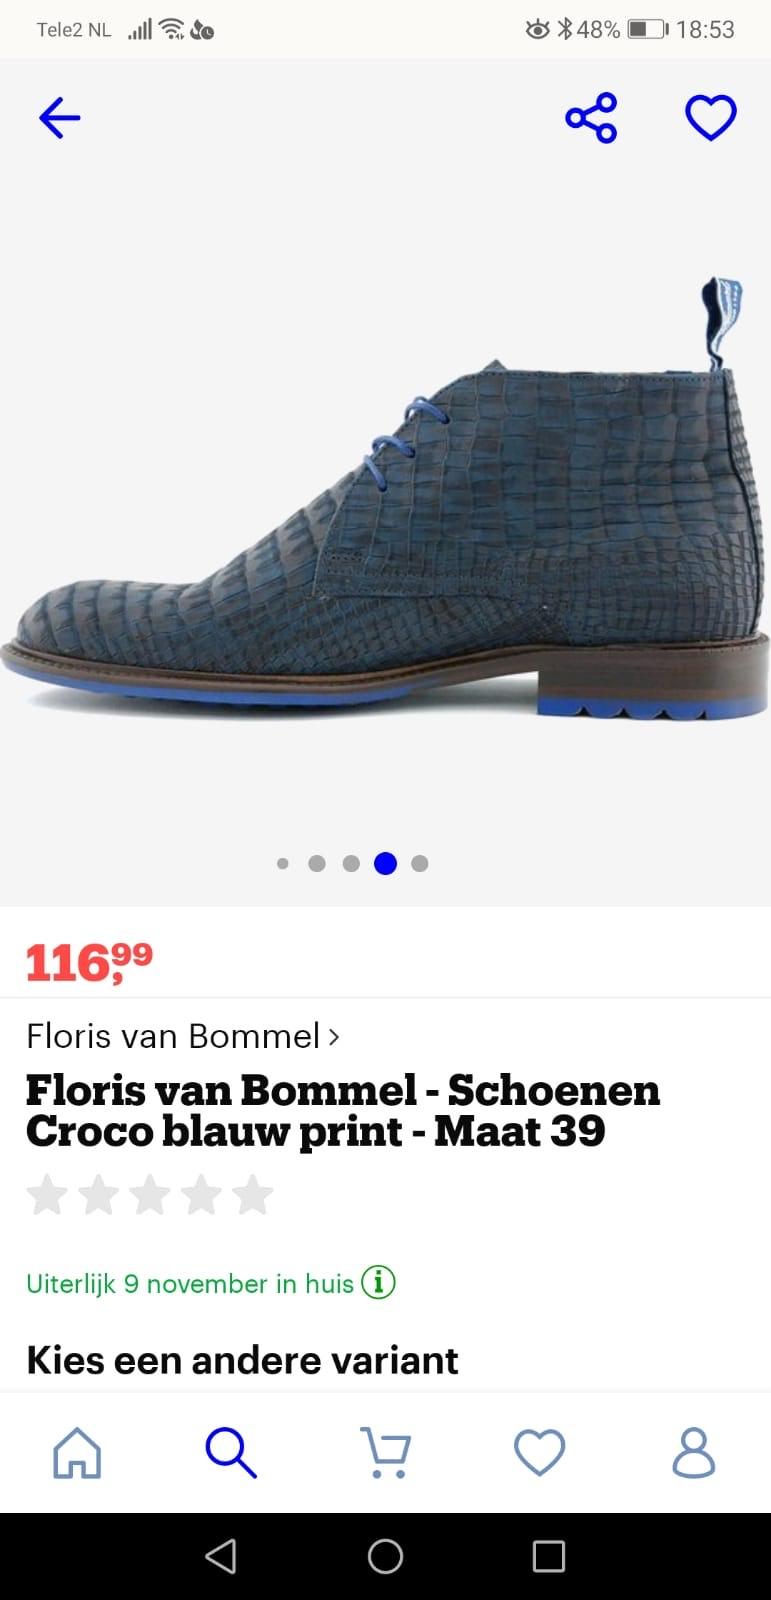 Floris van Bommel schoenen blauw croco